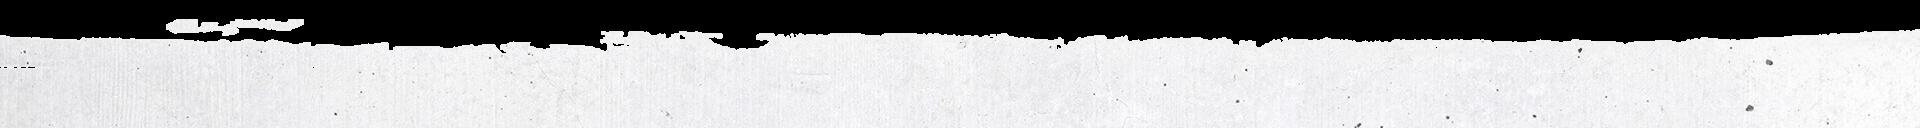 coffeeboxx-footer-beton_neu